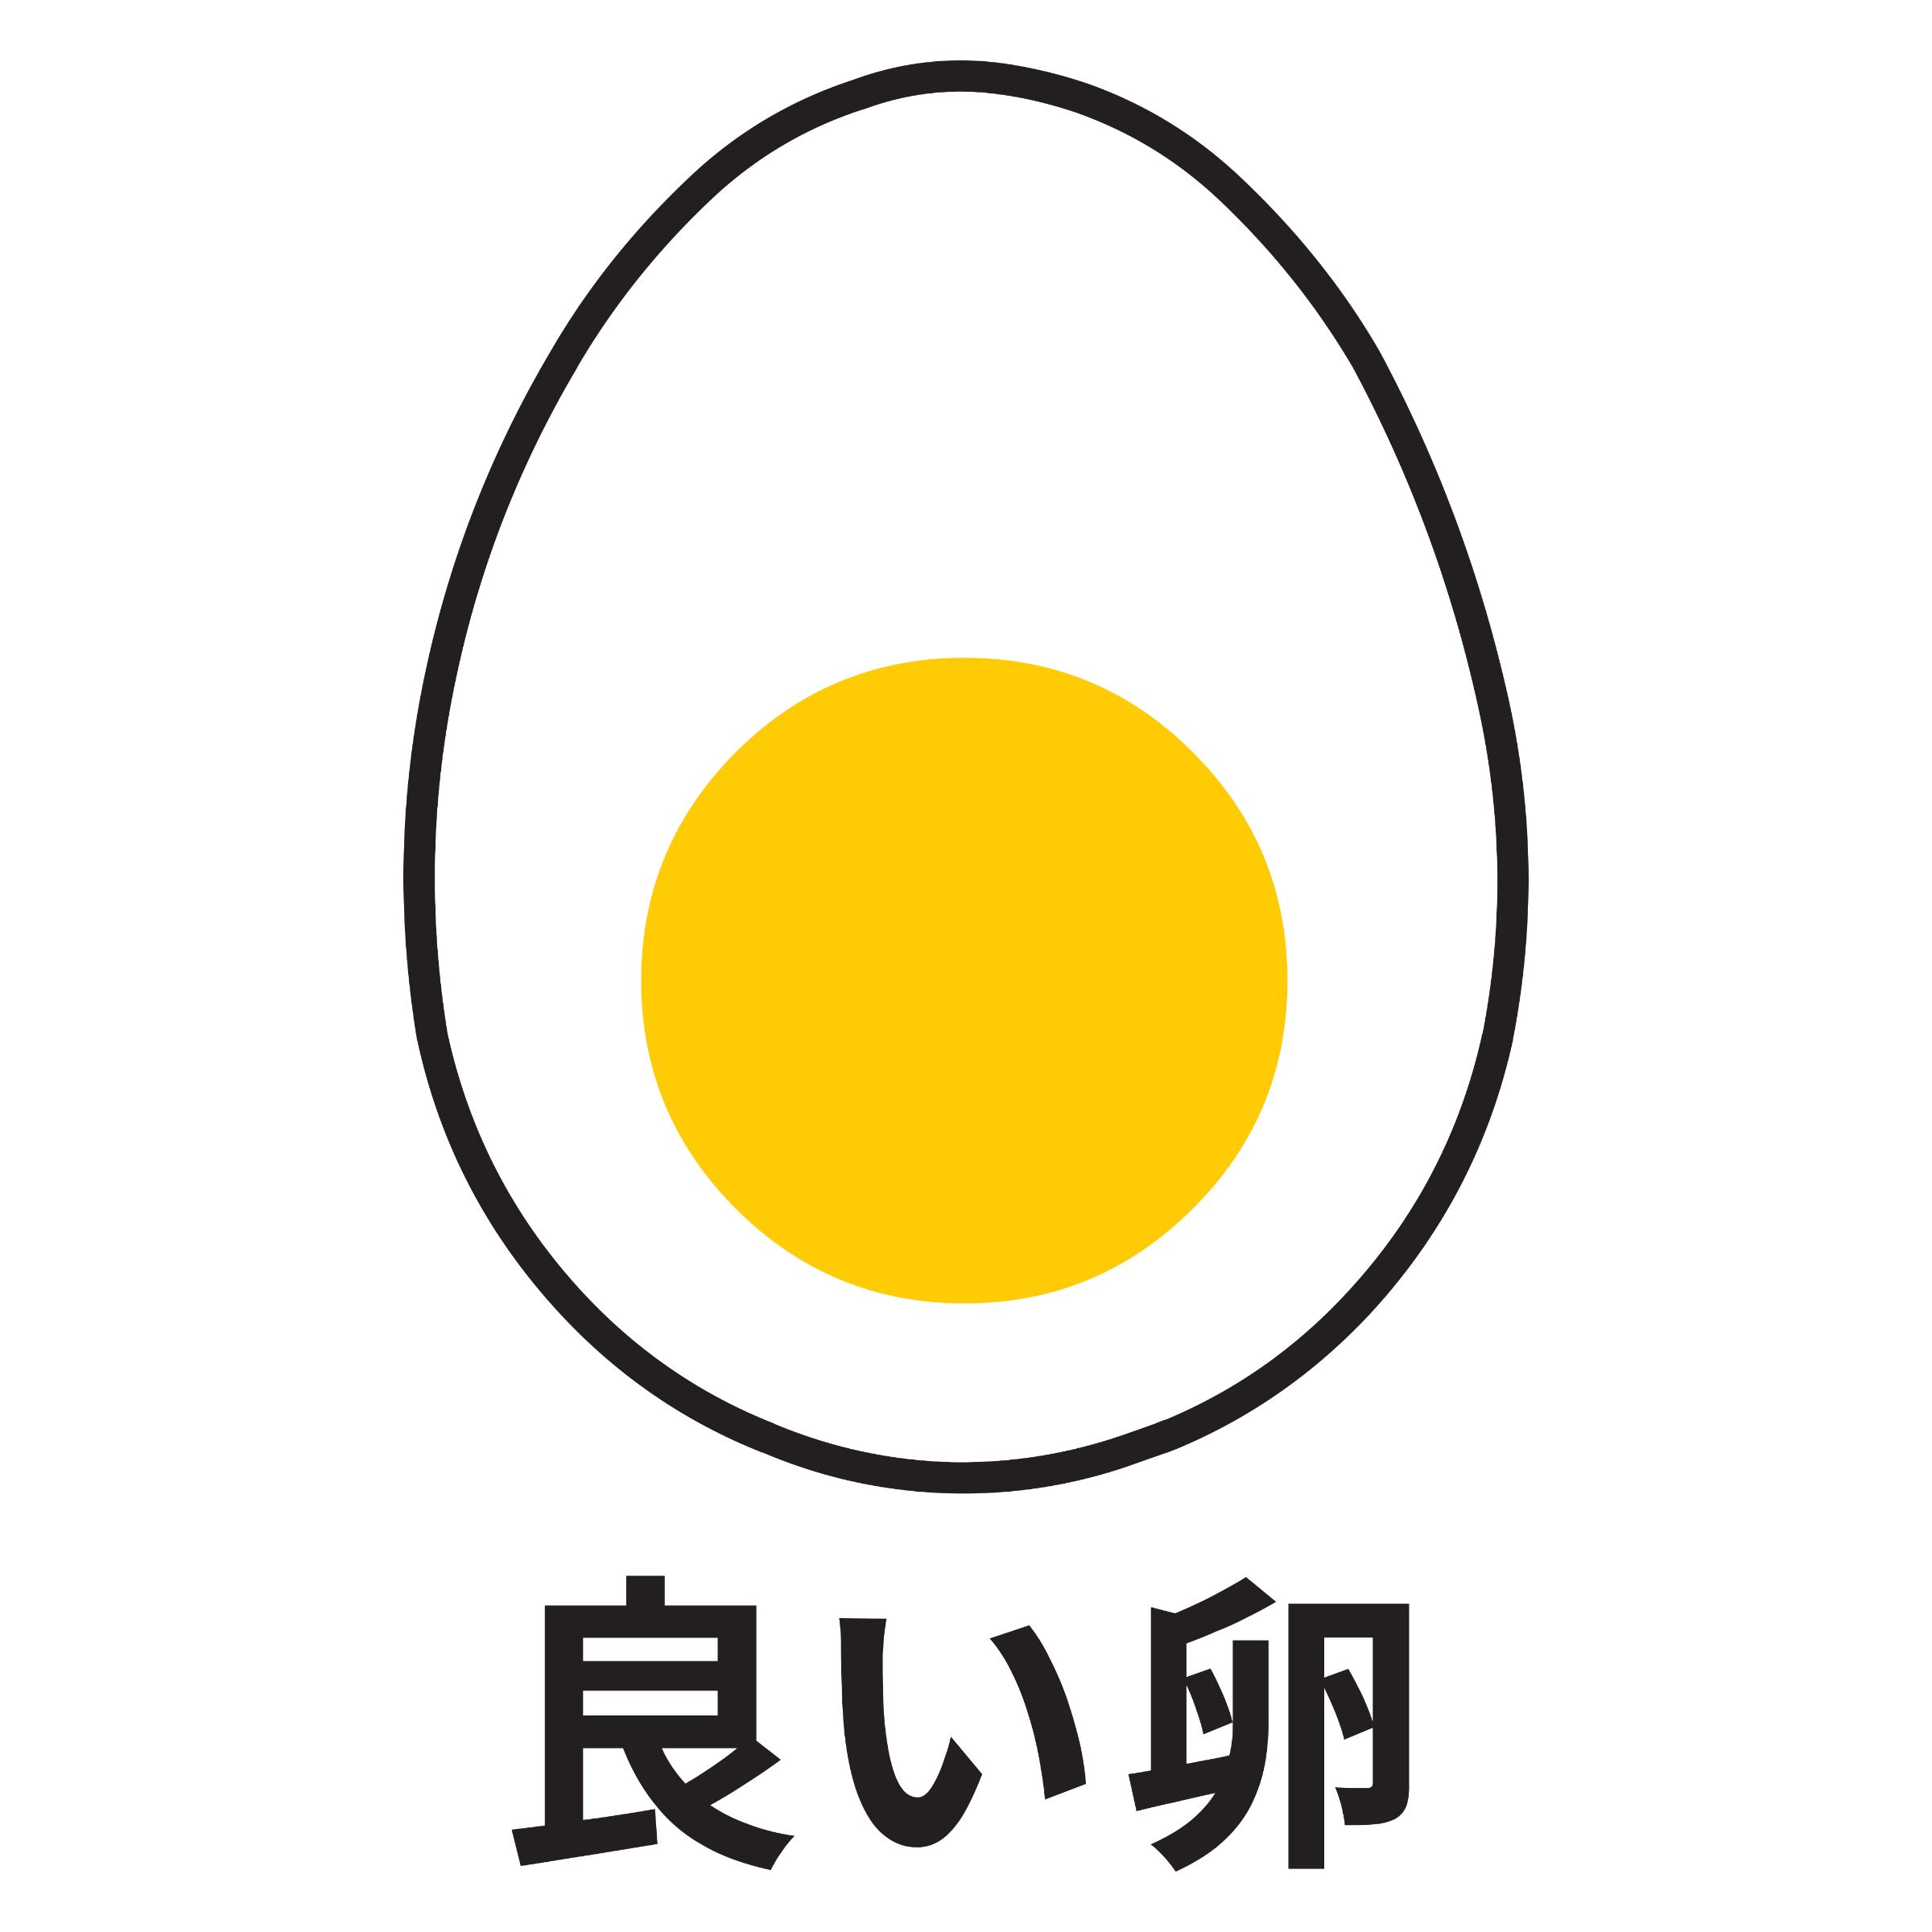 Good Egg Detail